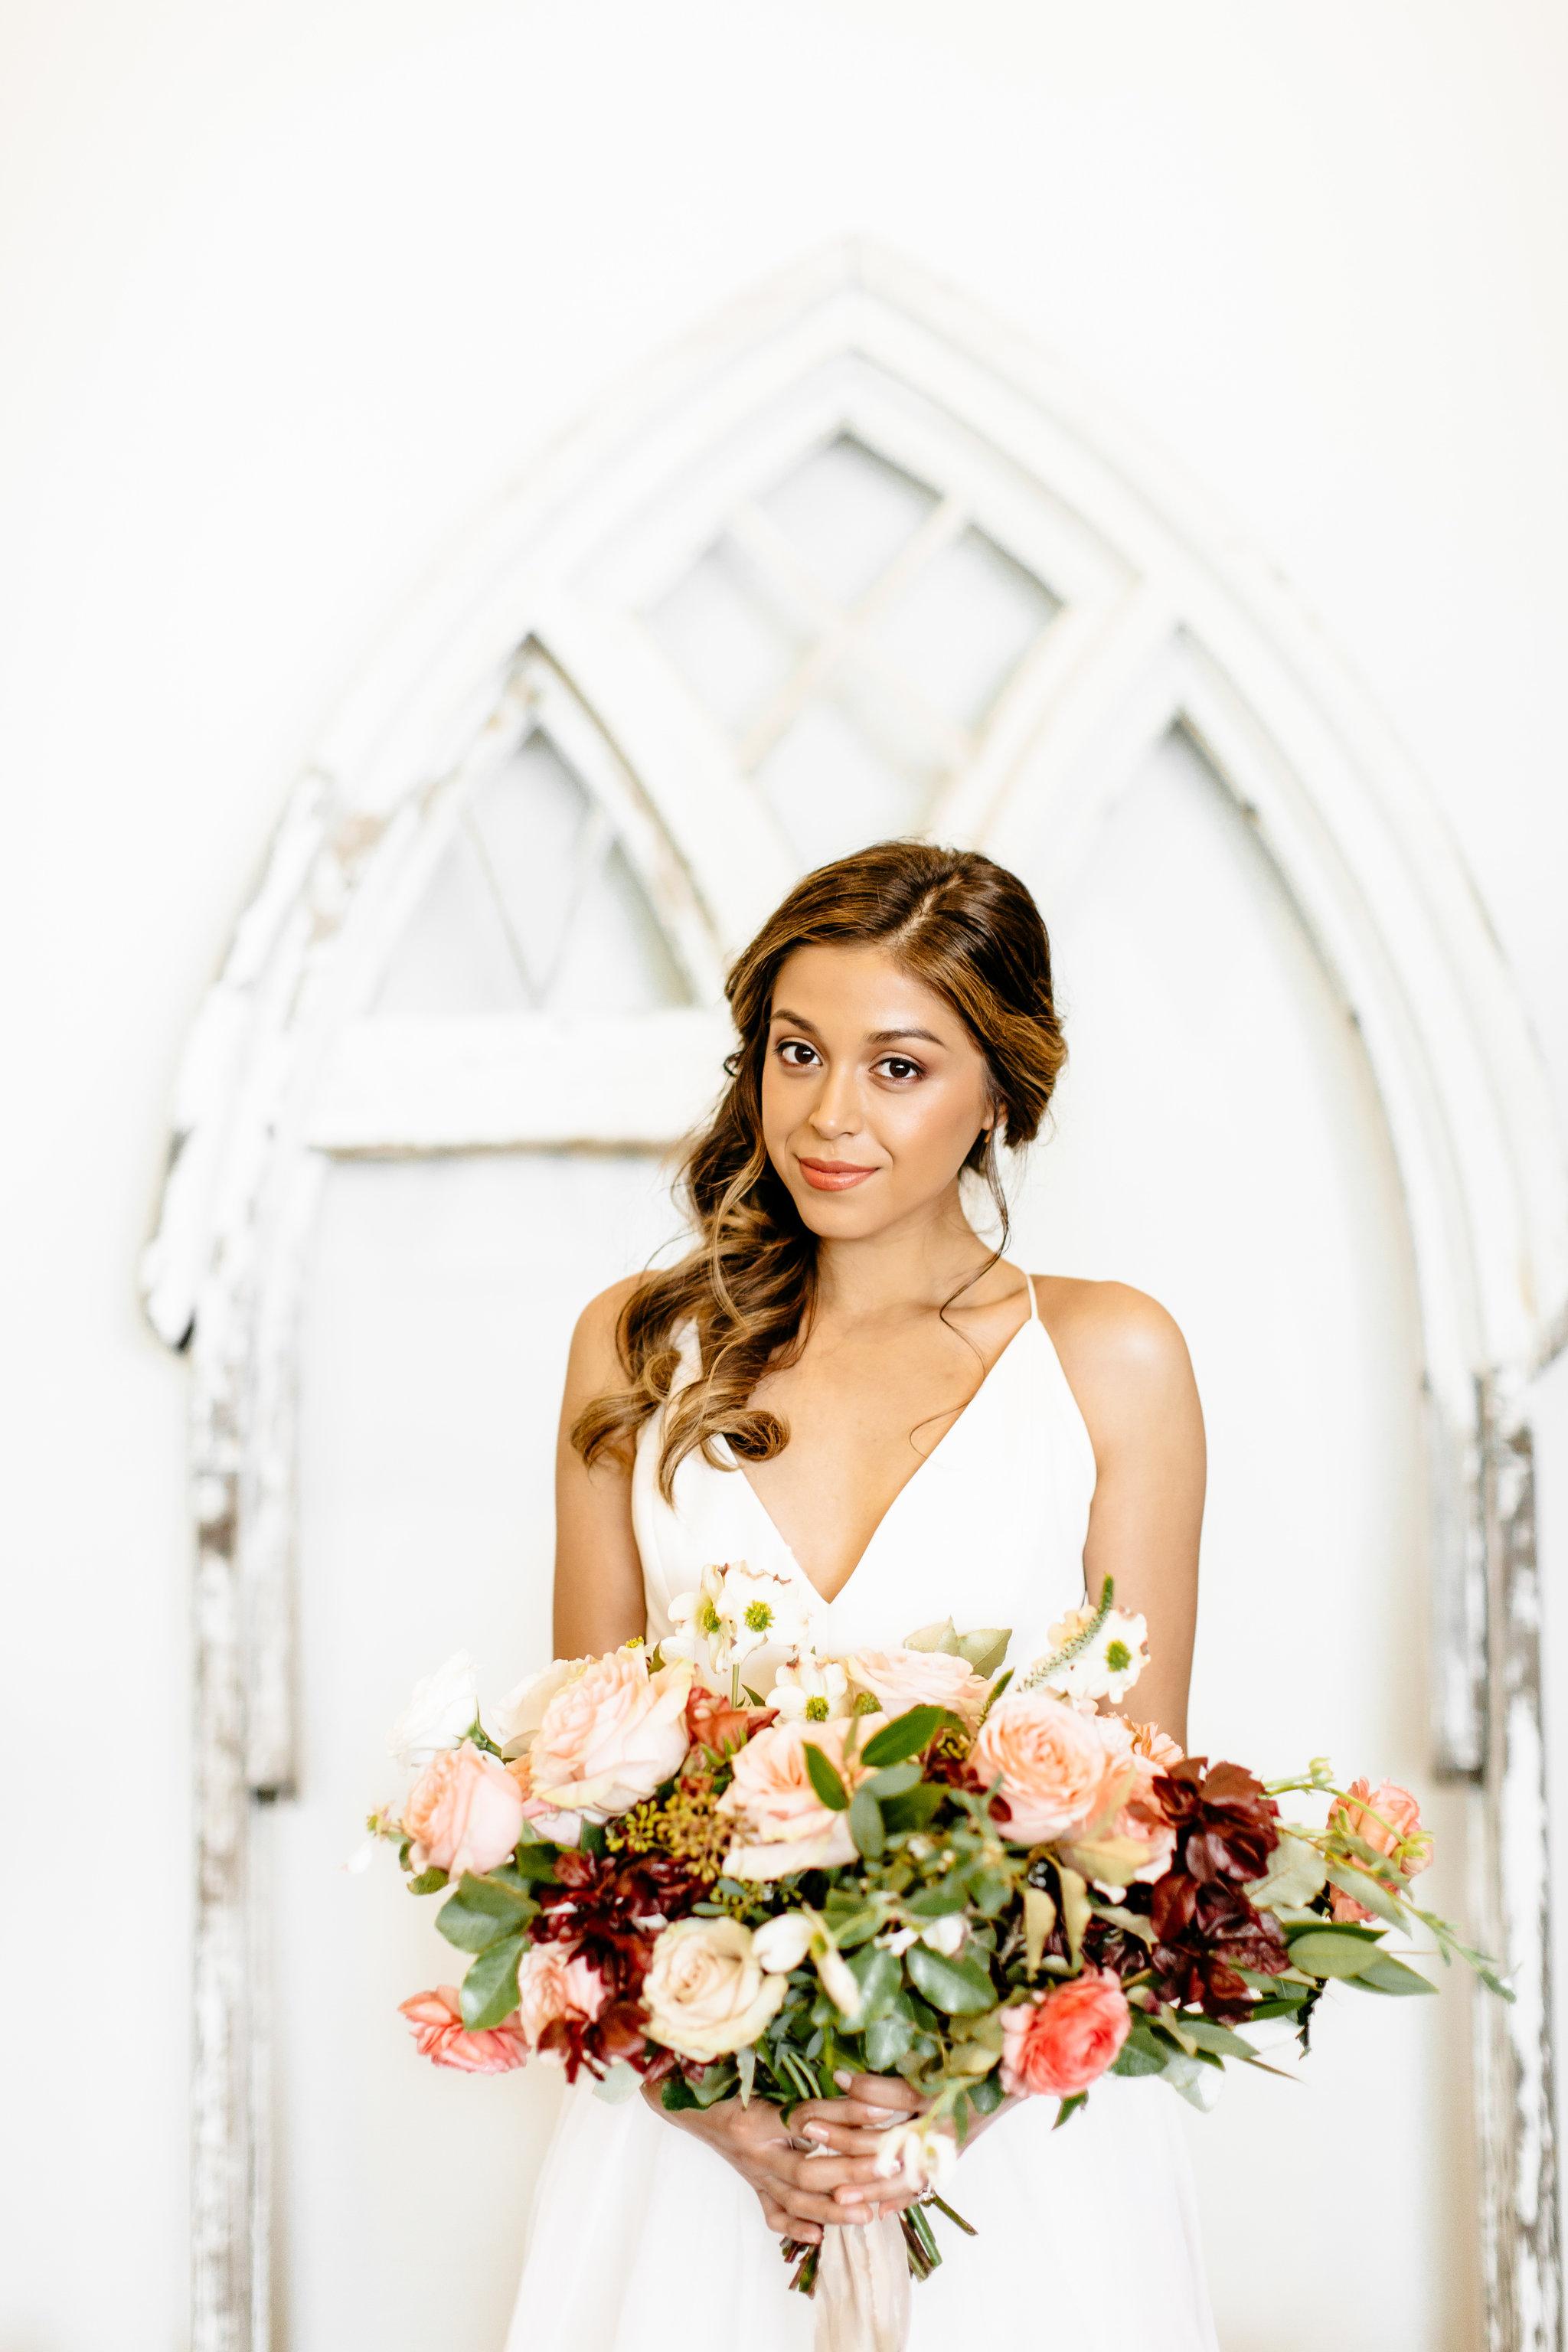 Alexa-Vossler-Photo_Dallas-Wedding-Photographer_Photoshoot-at-the-Station-McKinney_Empower-Event-52.jpg